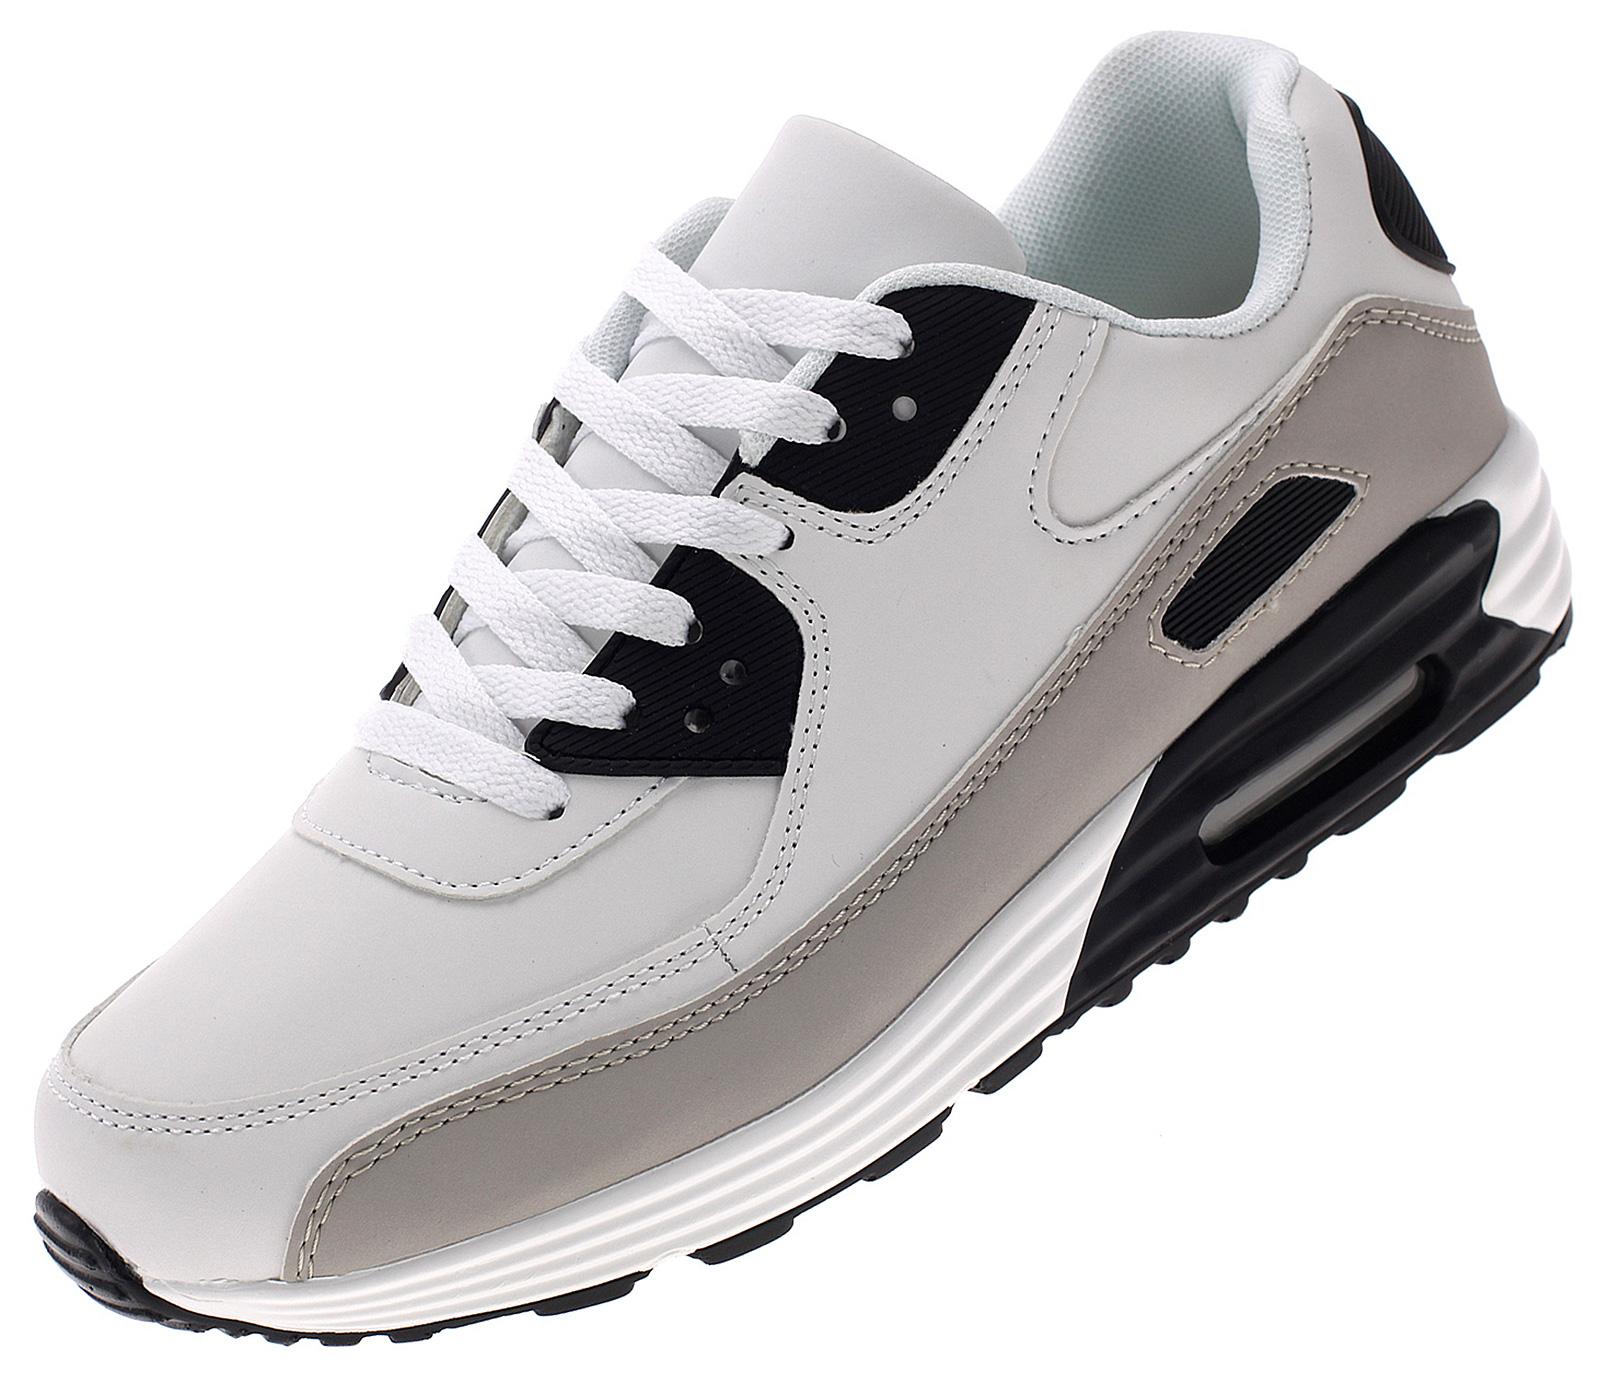 Damen Herren Sneaker Sportschuhe Turnschuhe Laufschuhe Freizeitschuhe